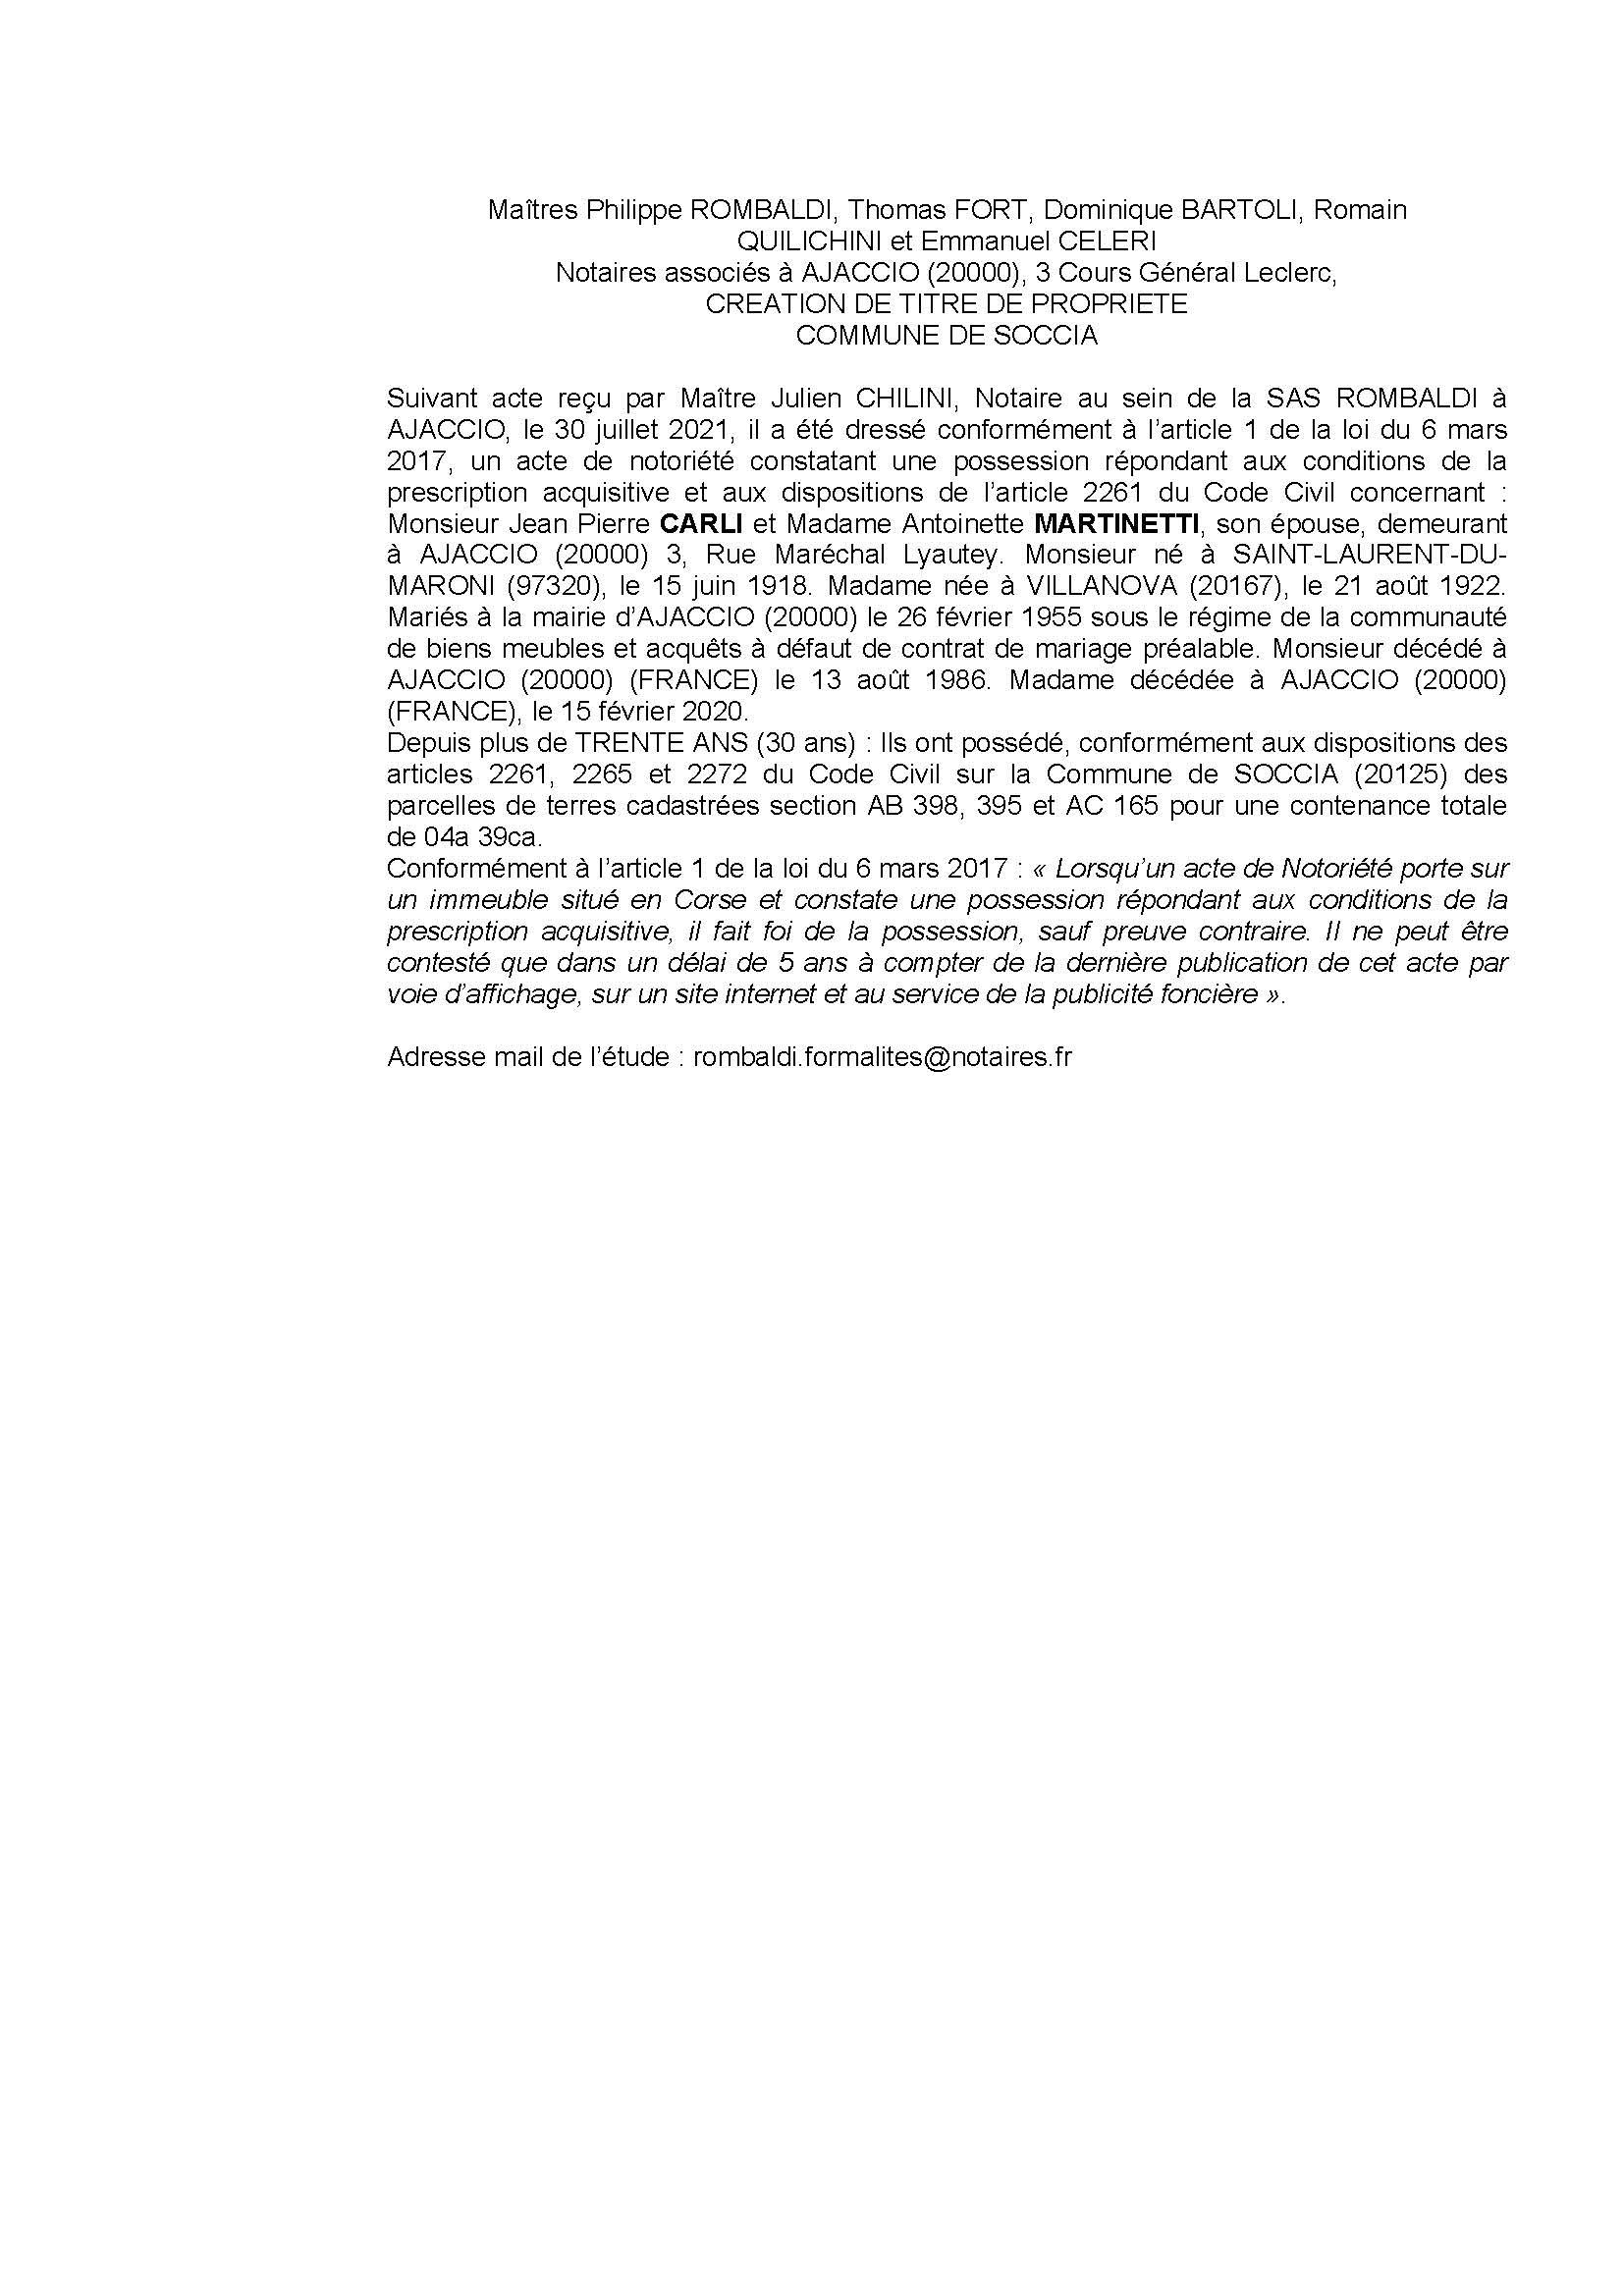 Avis de création de titre de propriété - Commune de Soccia (Corse-du-Sud)